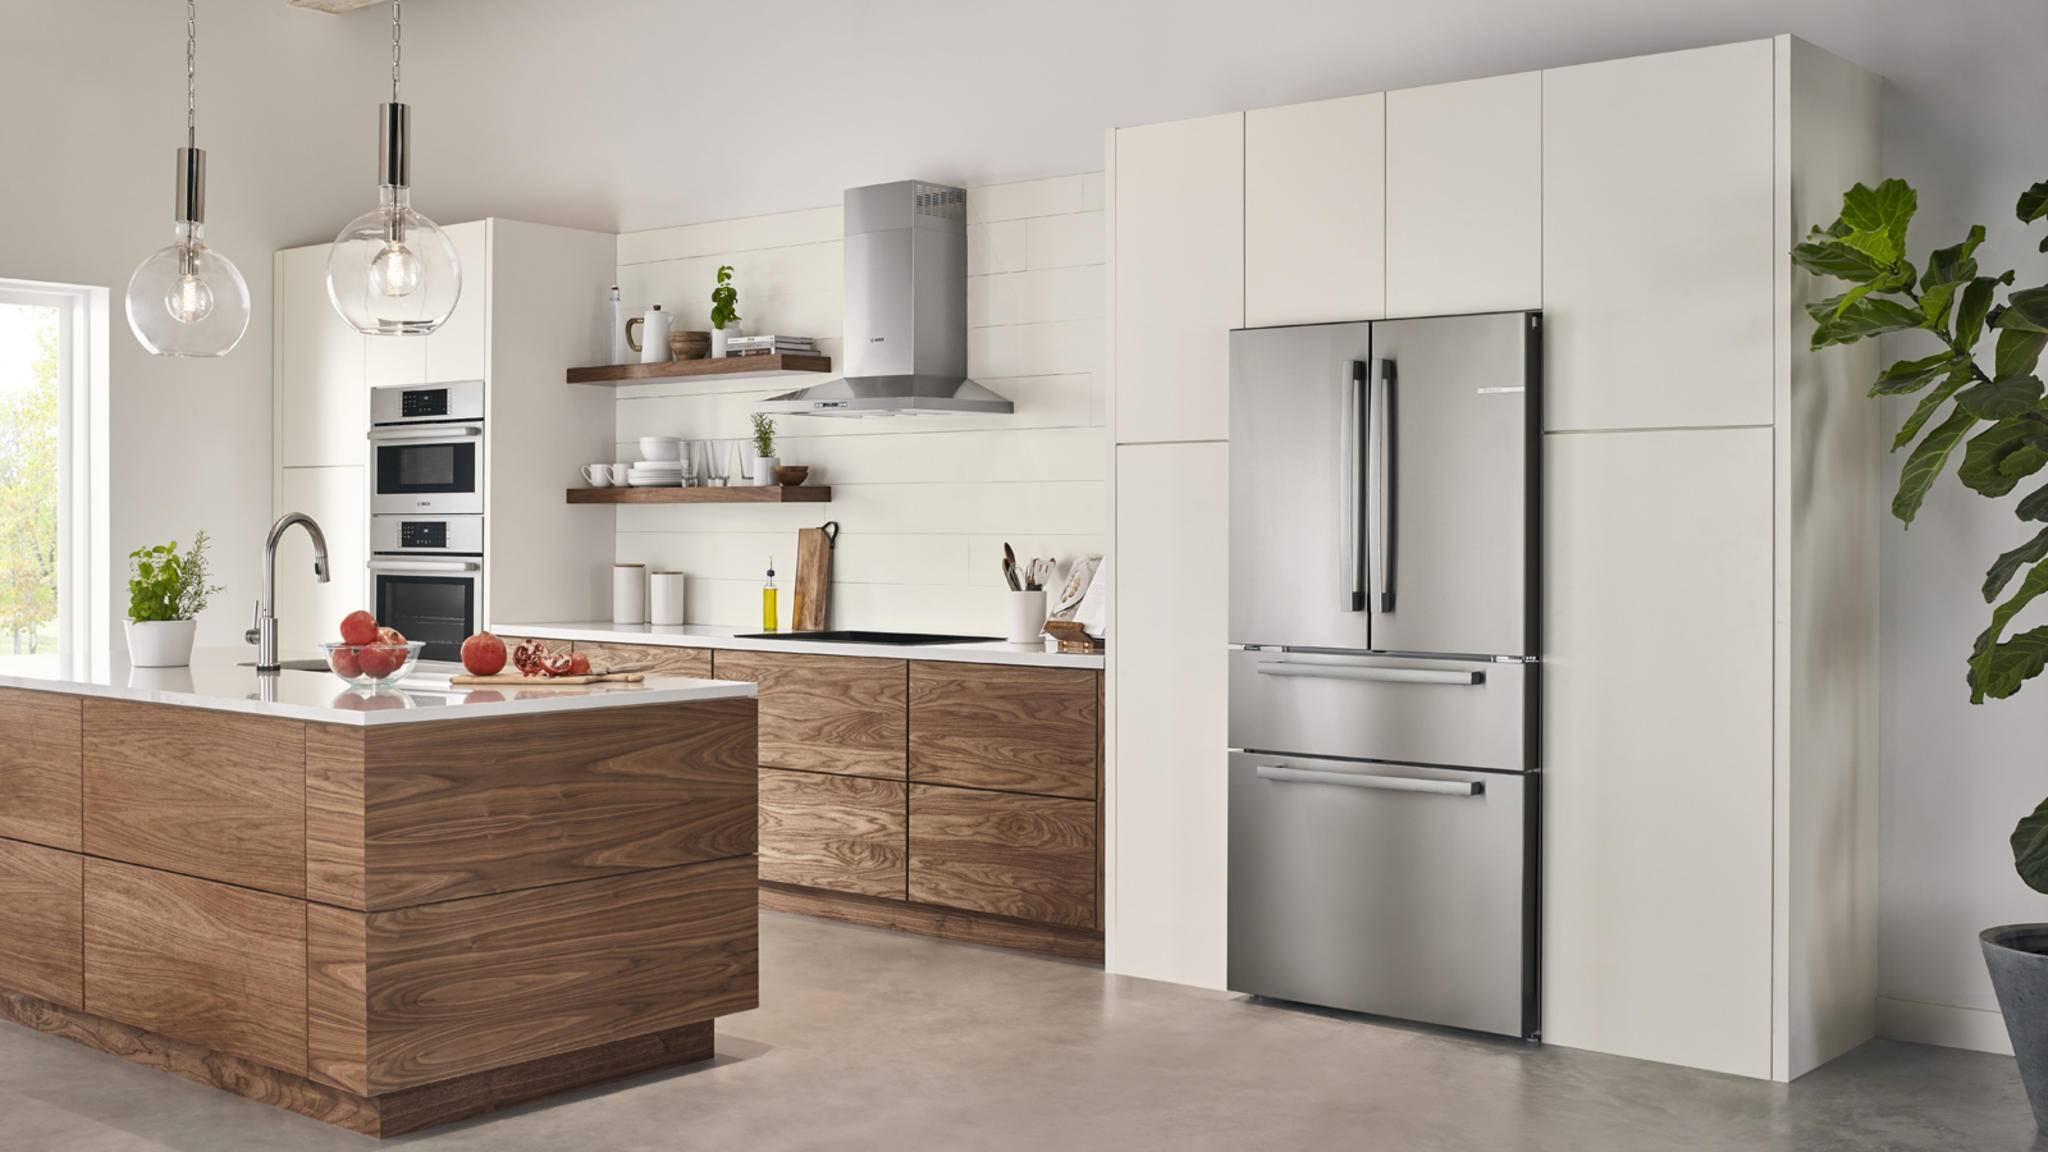 Für mehr Frische: Bosch präsentiert neue French-Door-Kühlschränke